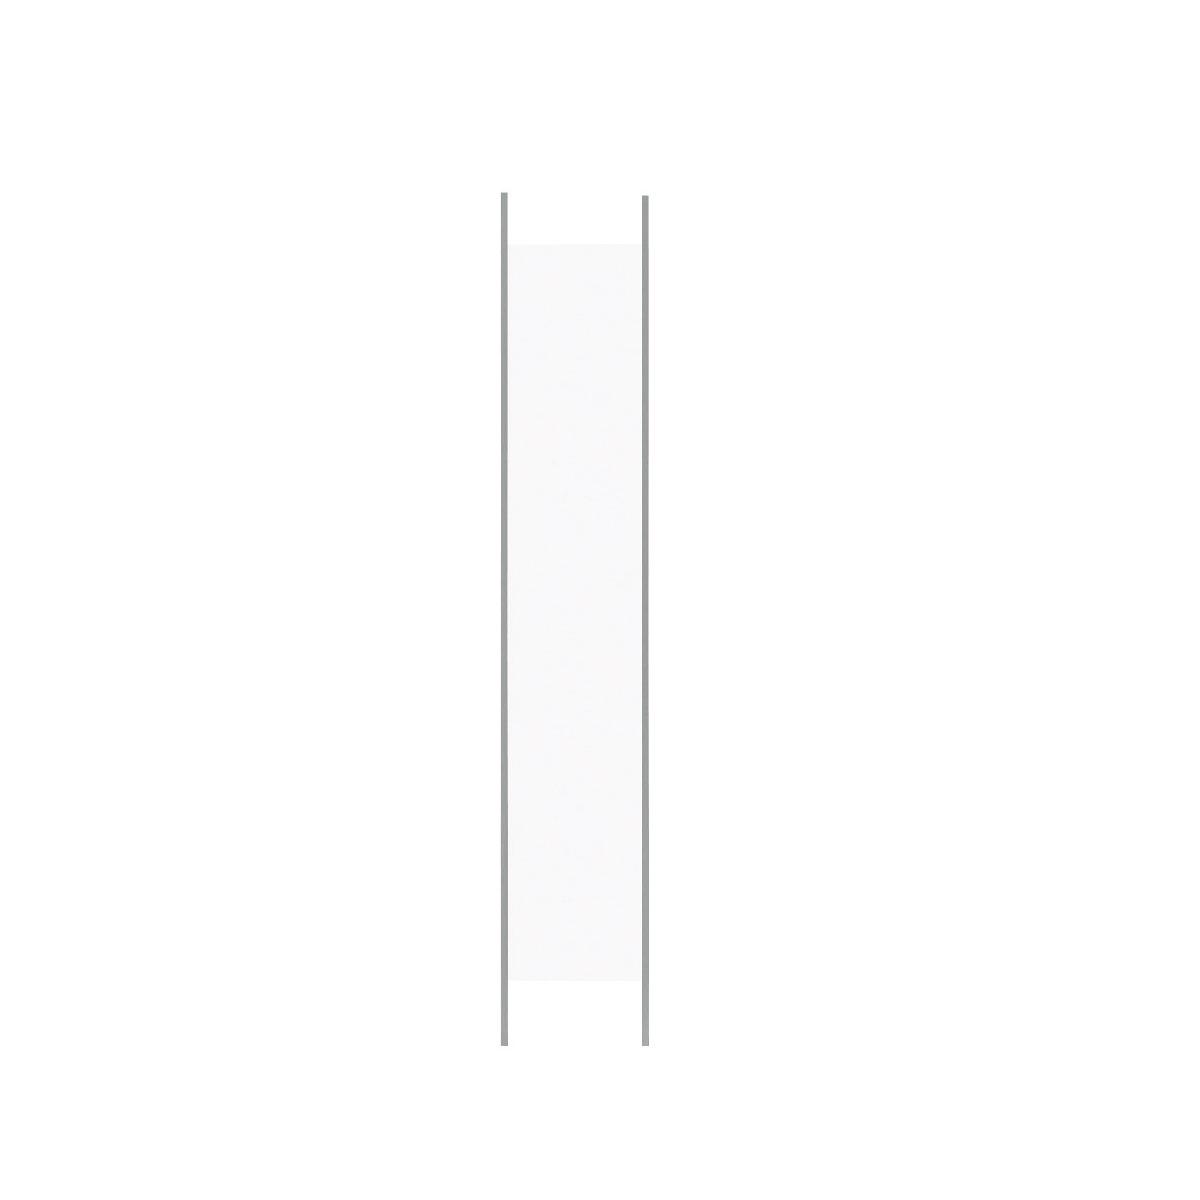 Durabil Glas-Windschutz 6 mm 228x1600mm Einscheibensicherheitsglas klar